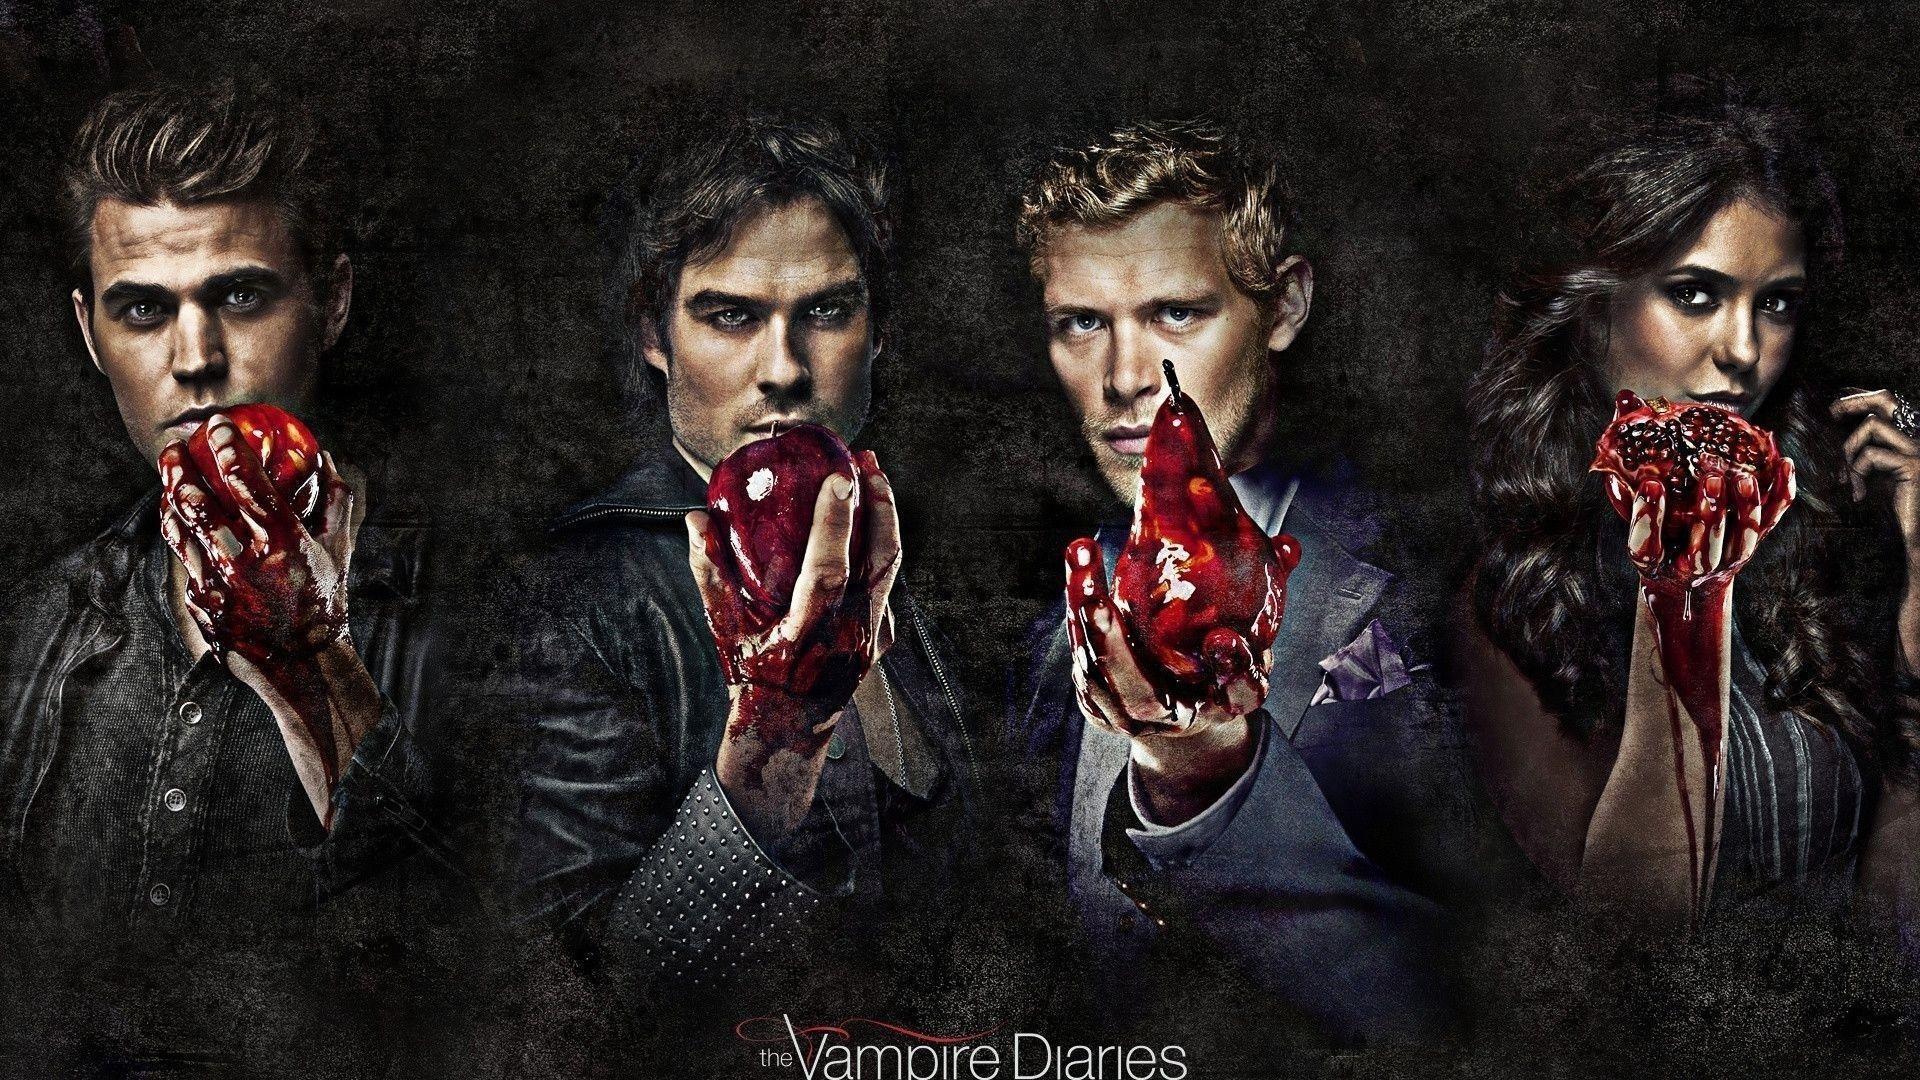 Vampire Diaries Wallpapers Wallpaper